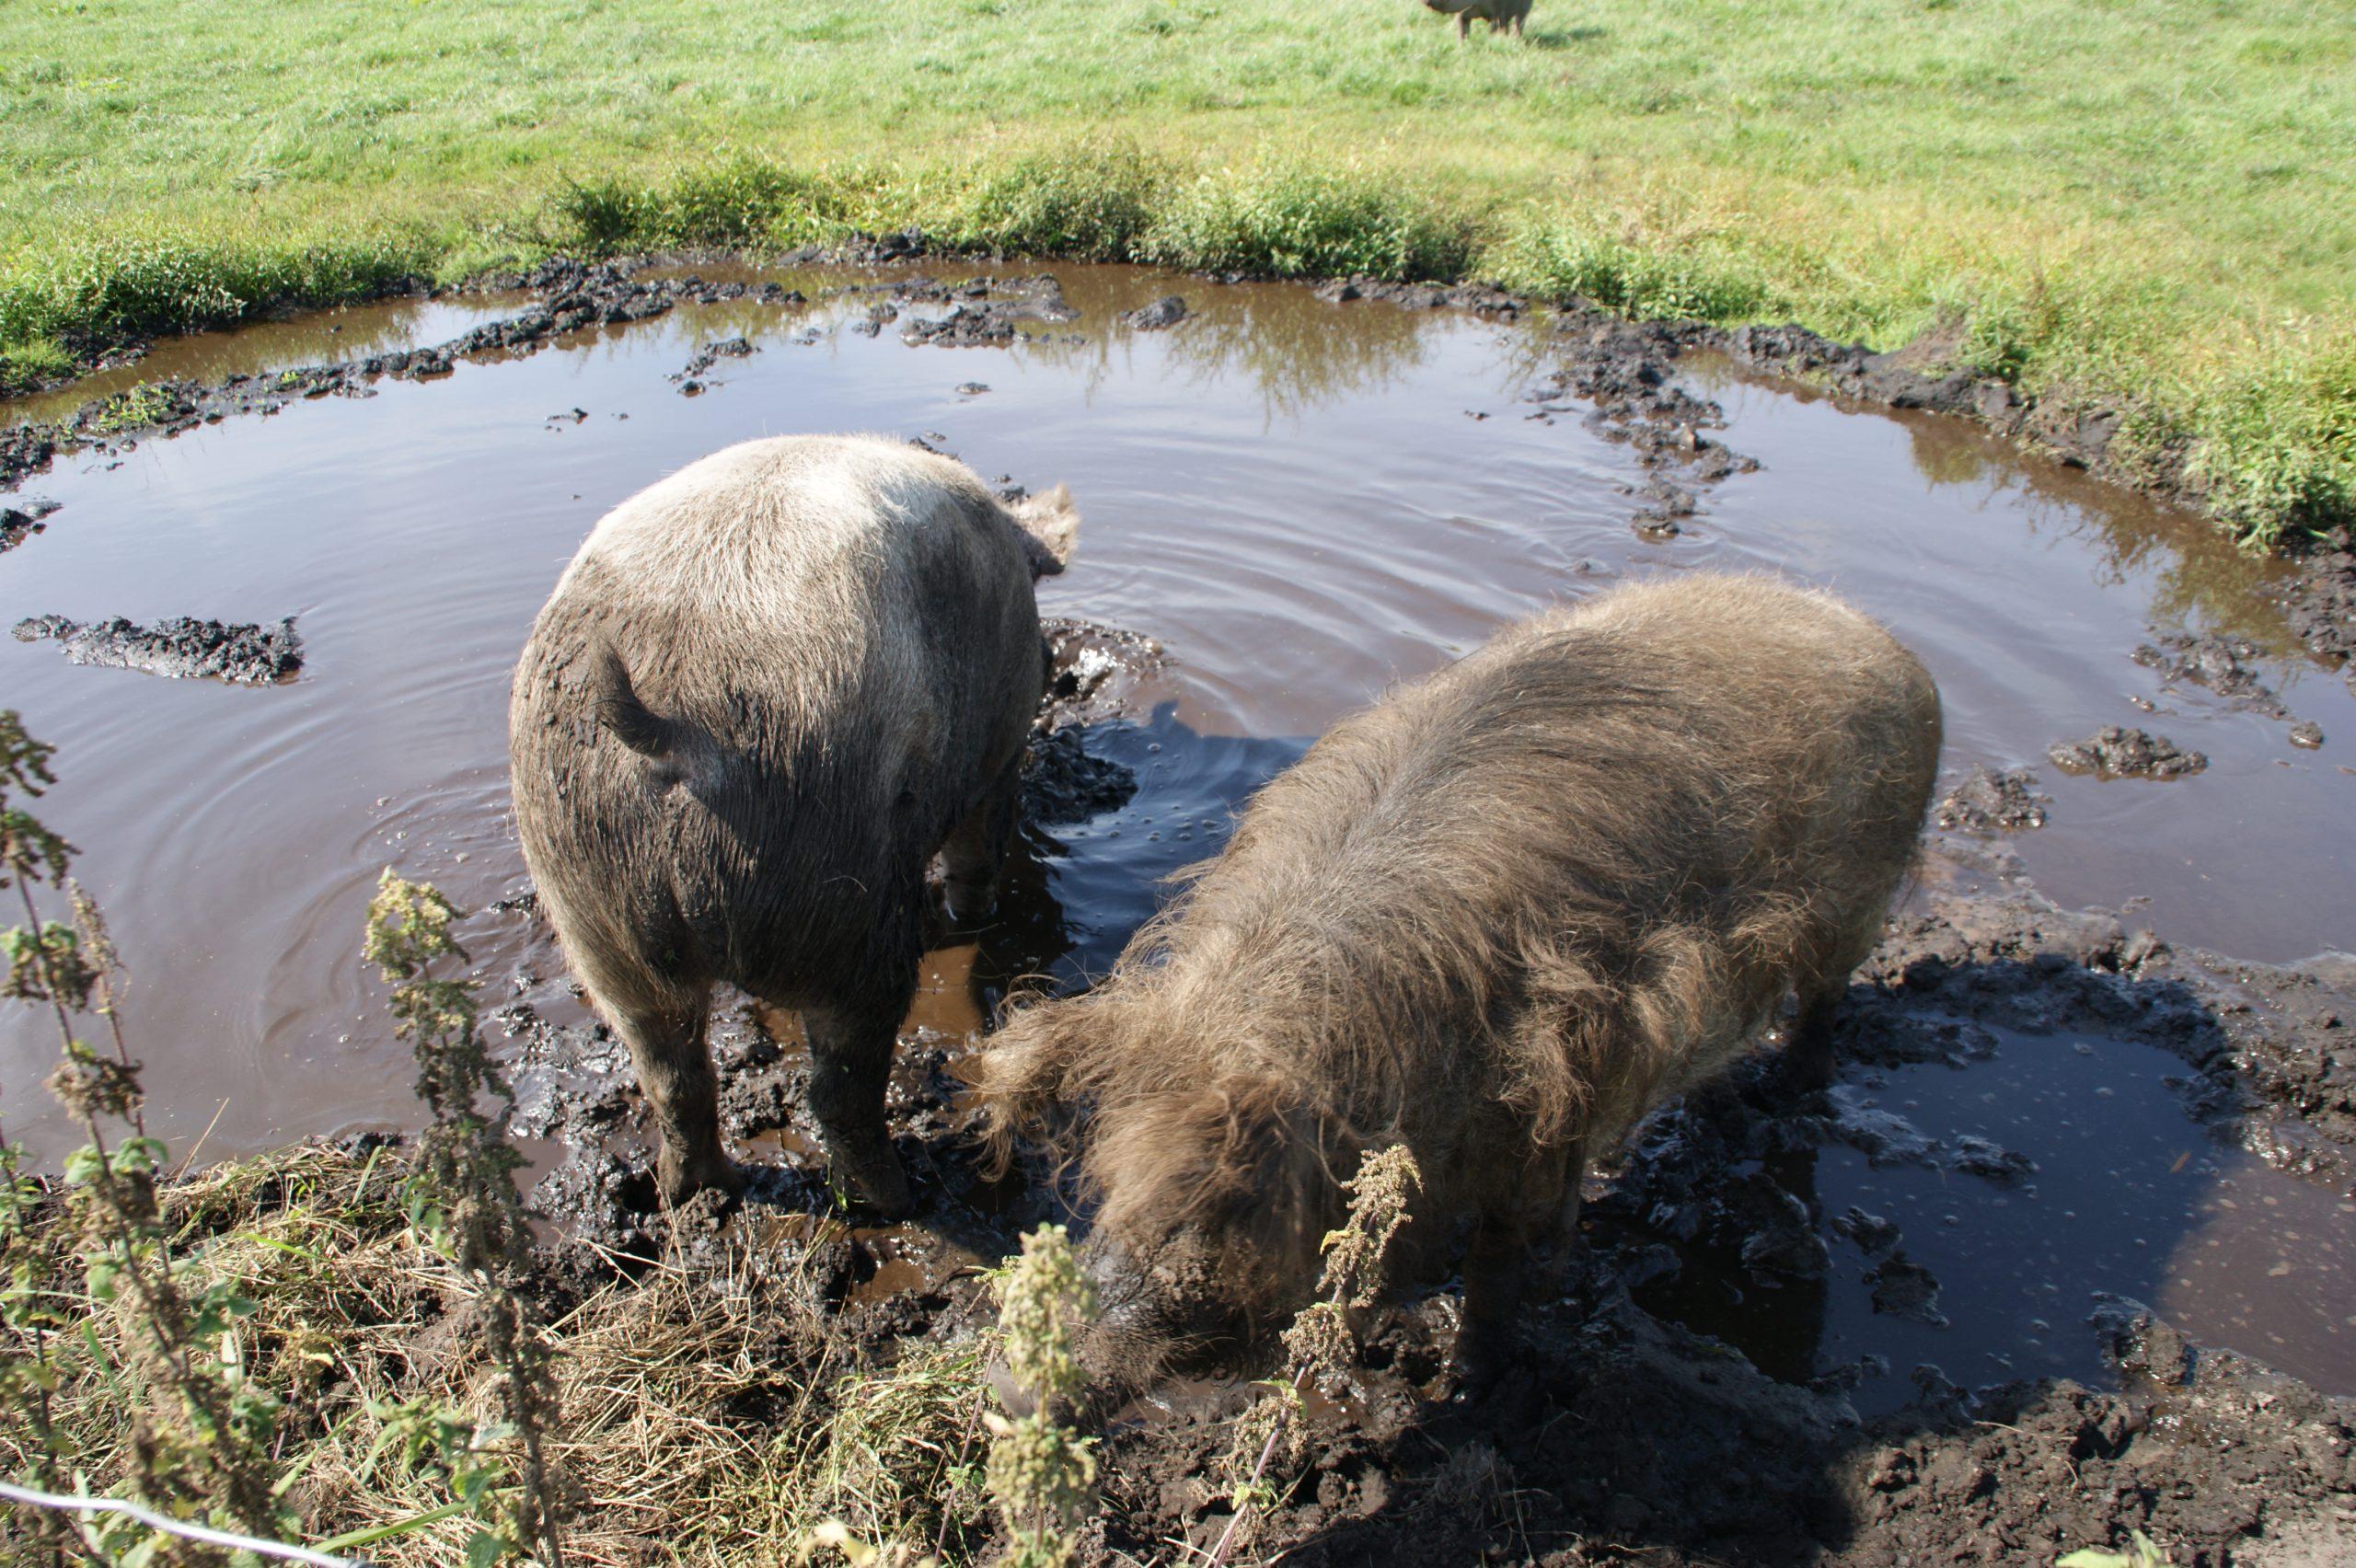 Schweine in der Suhle - Schweineparadies